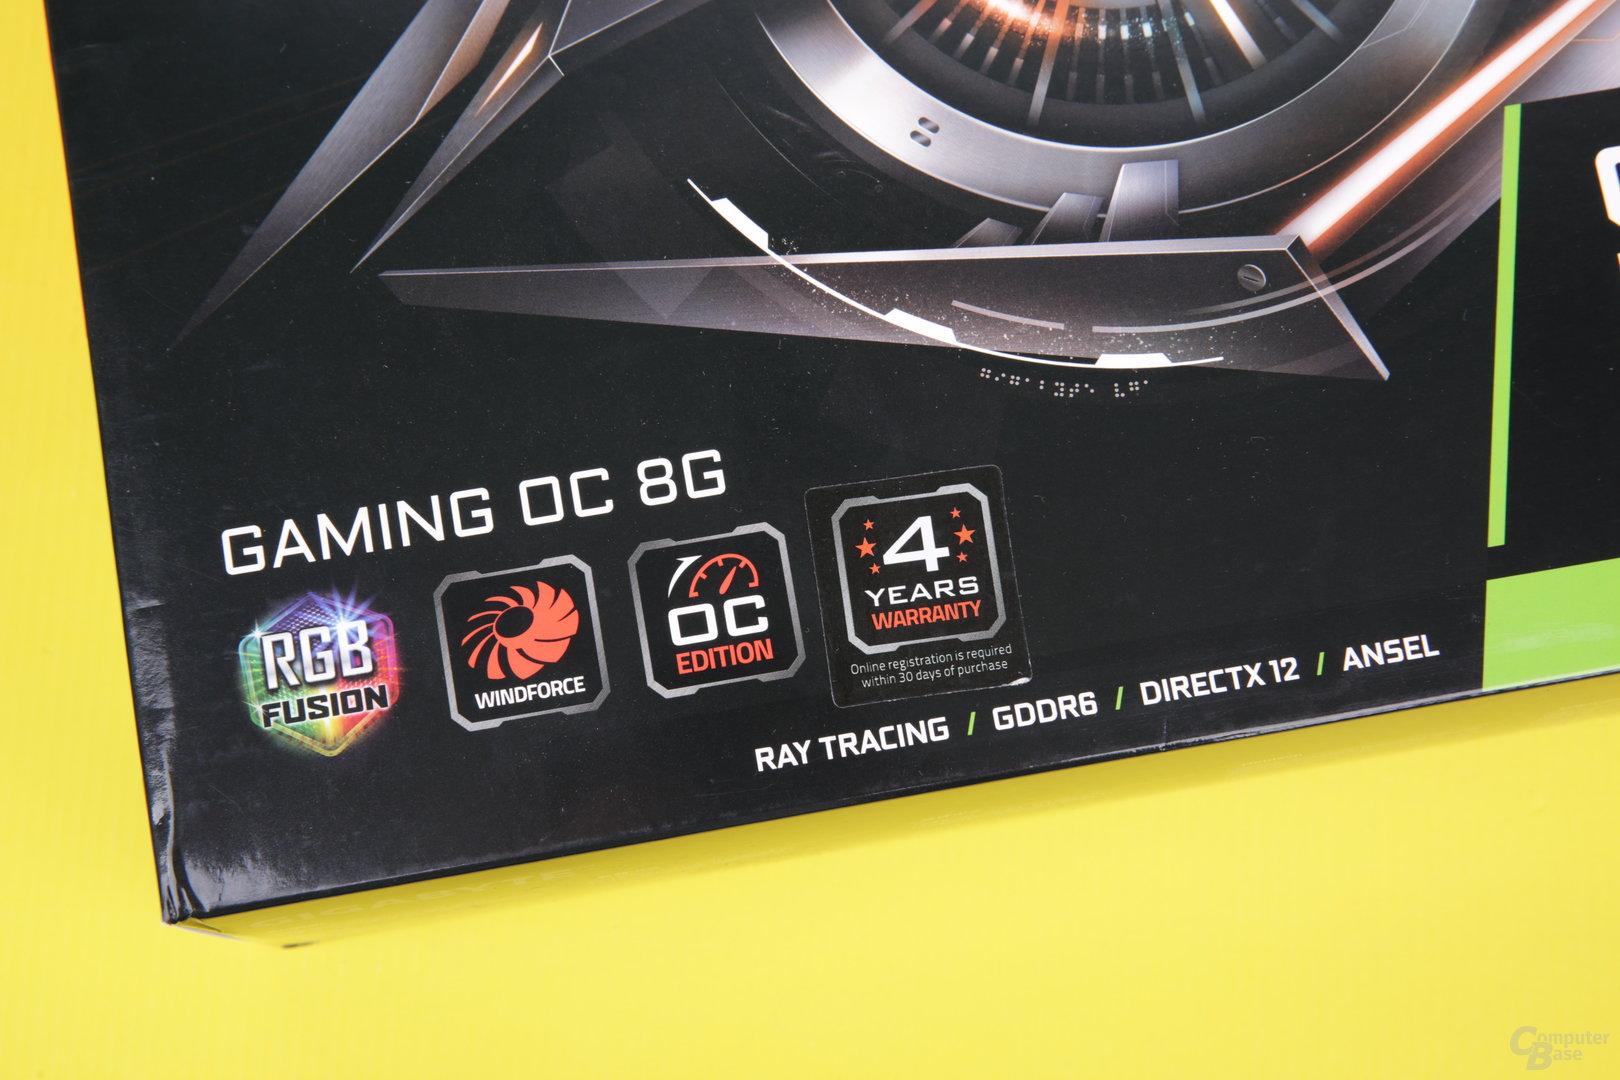 GeForce RTX von Gigabyte optional mit 4 Jahren Garantie